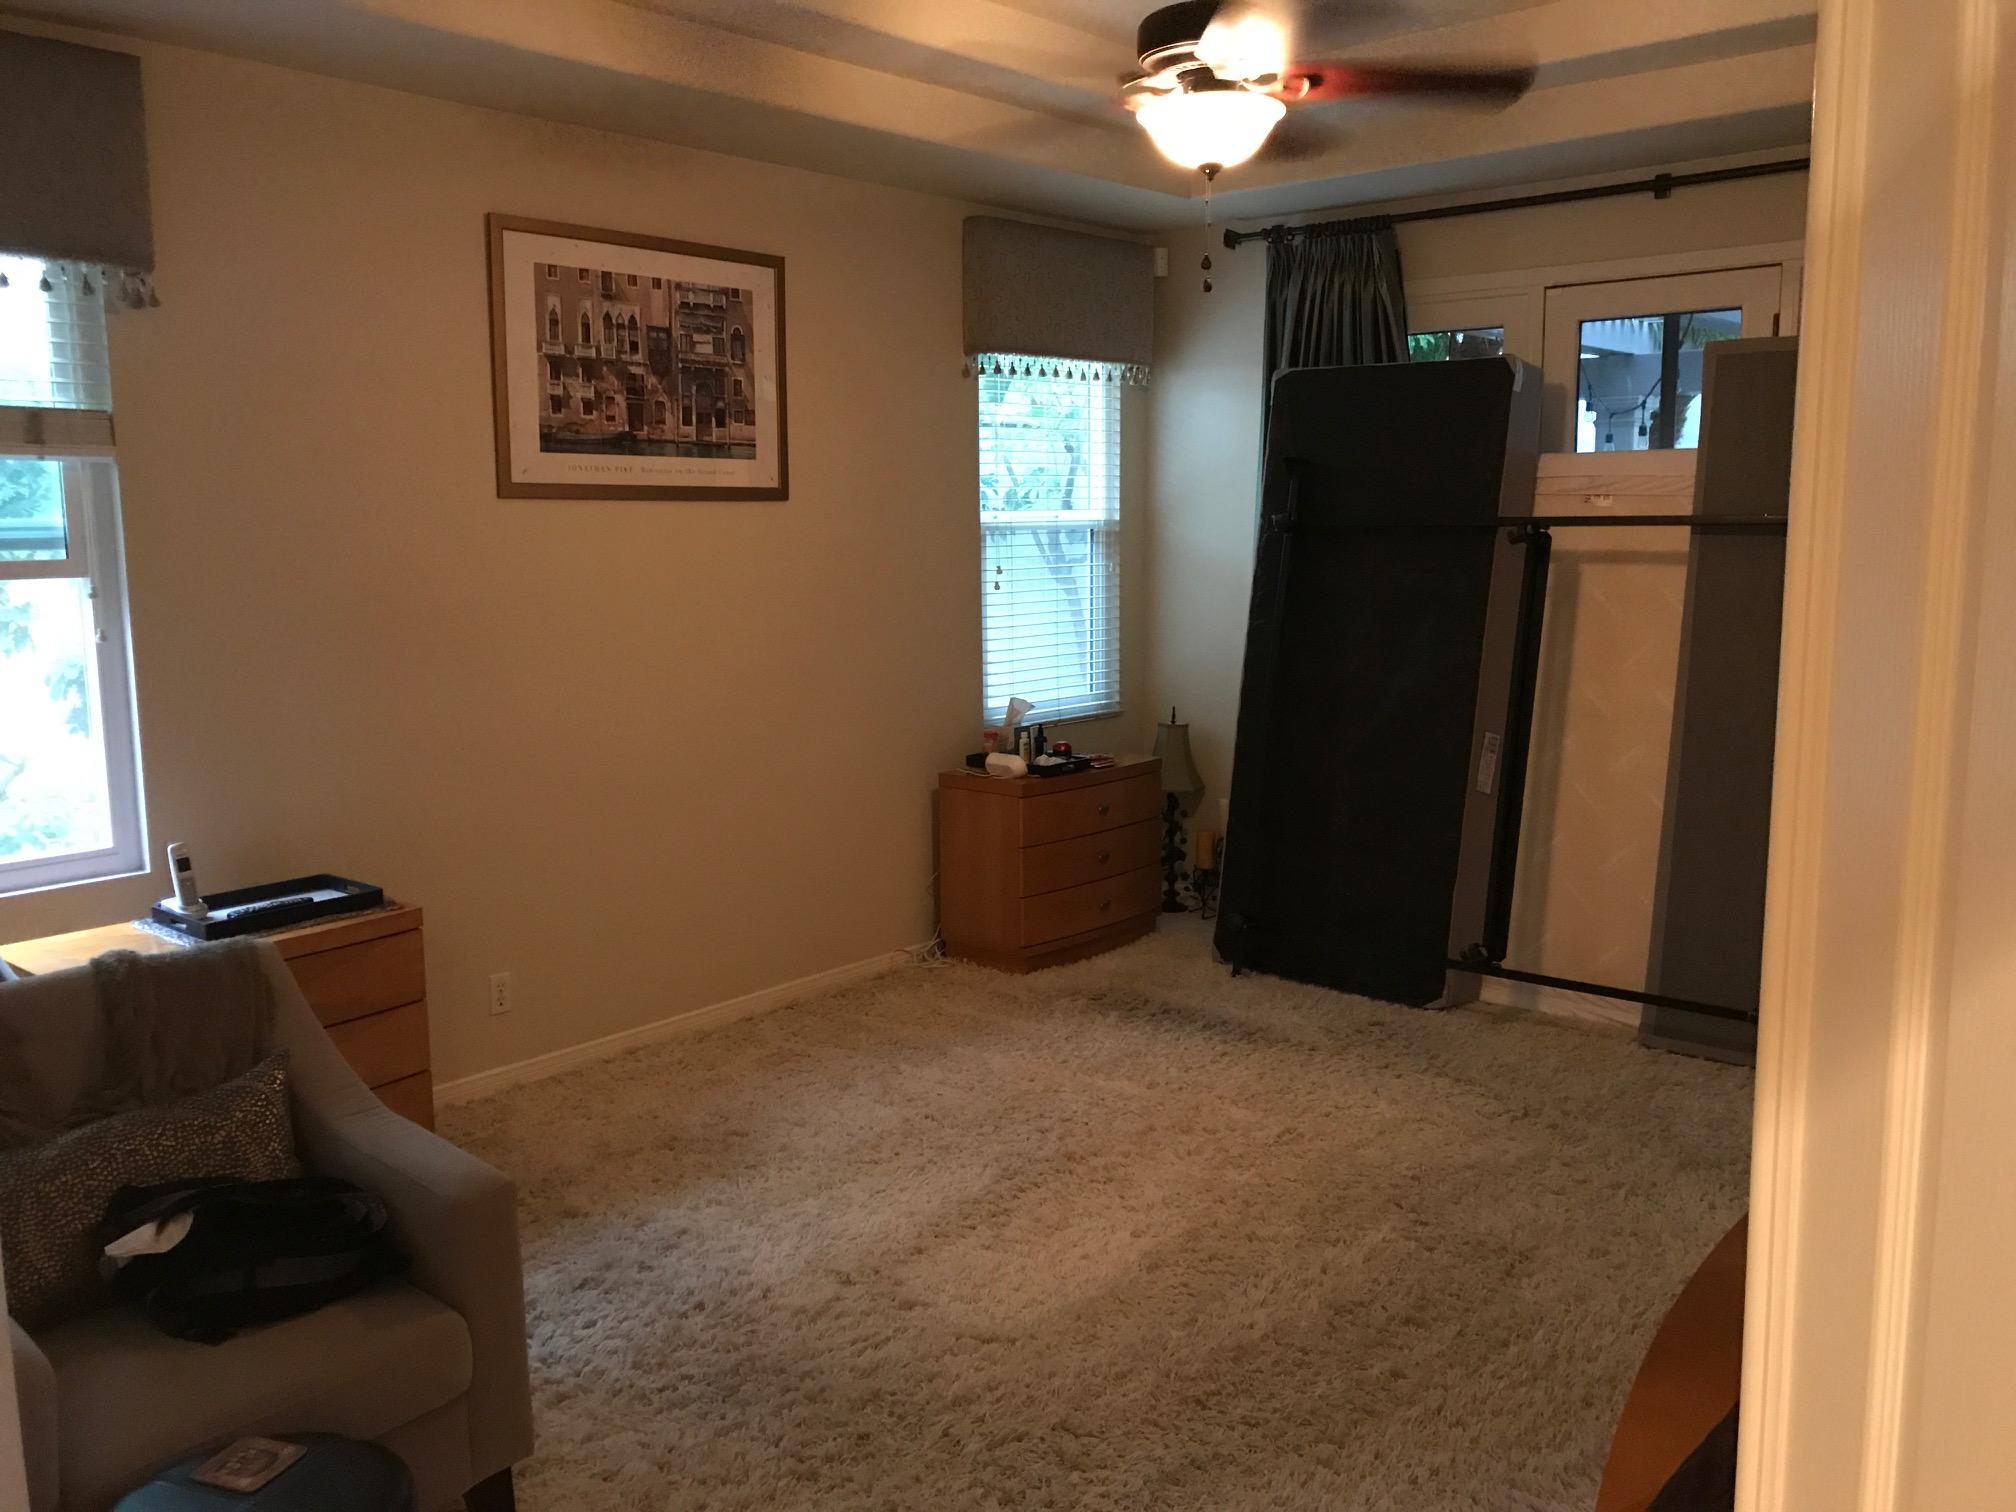 Room in between DIY and new